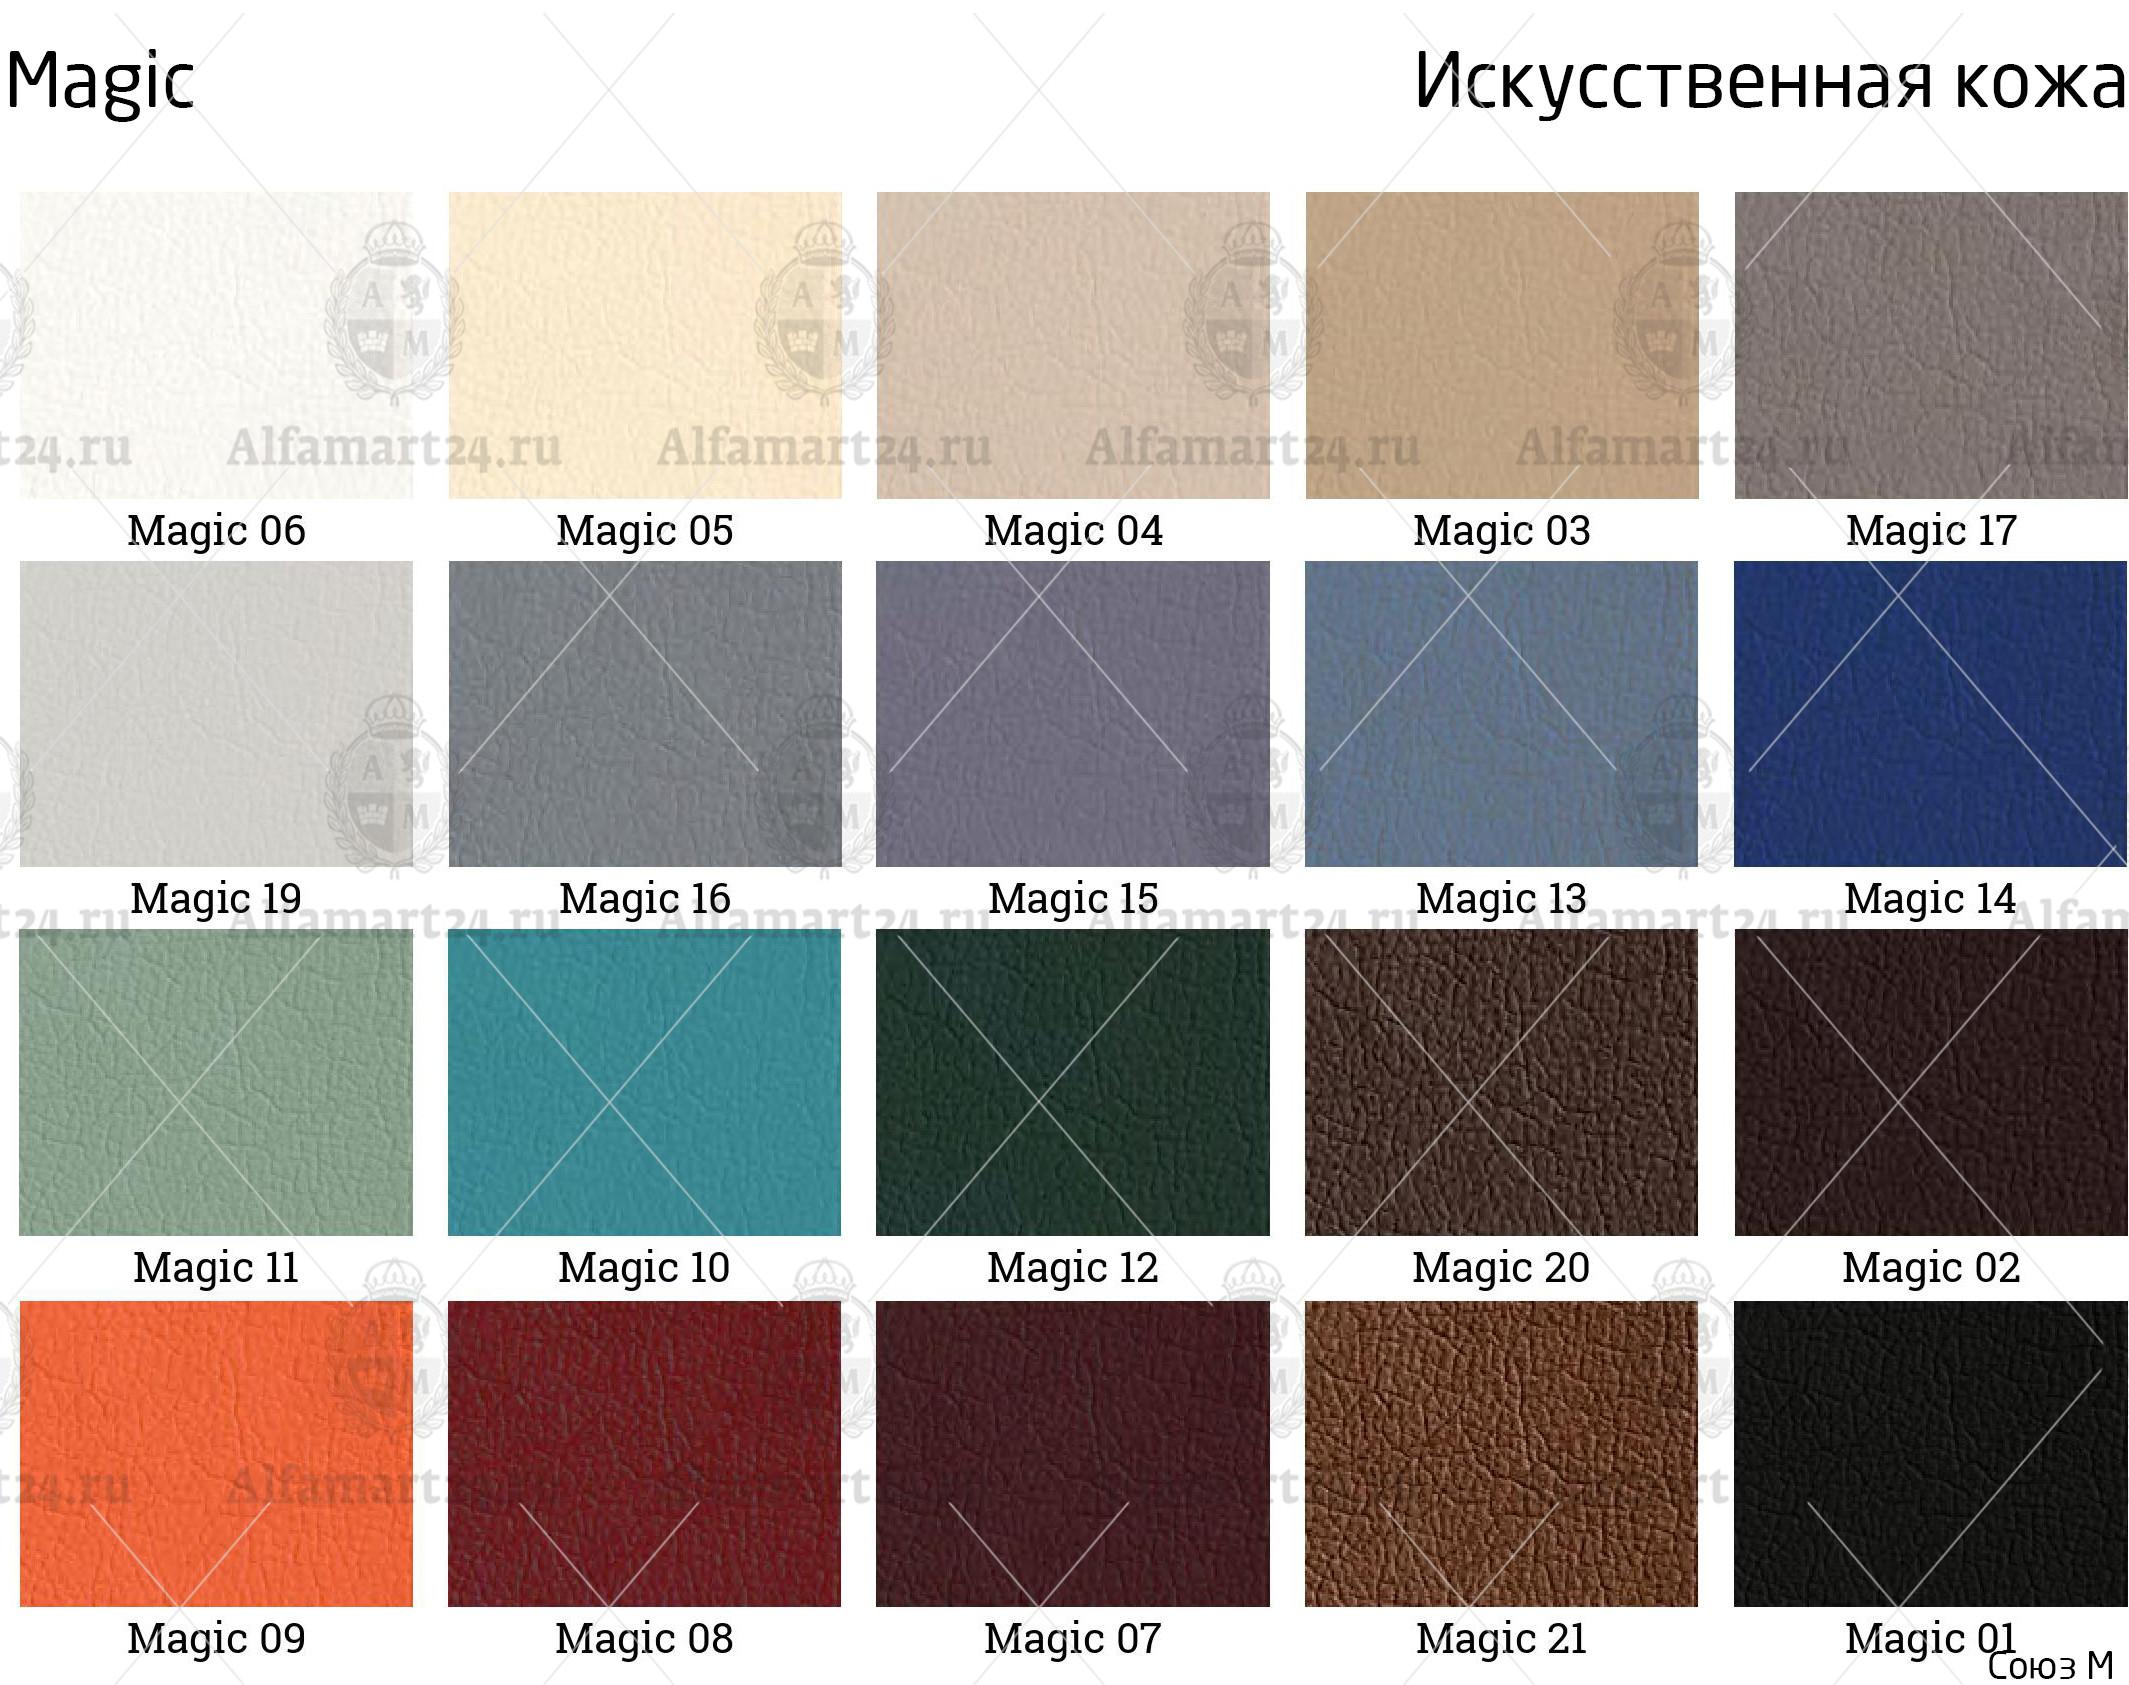 Magic (искусственная кожа) Союз М